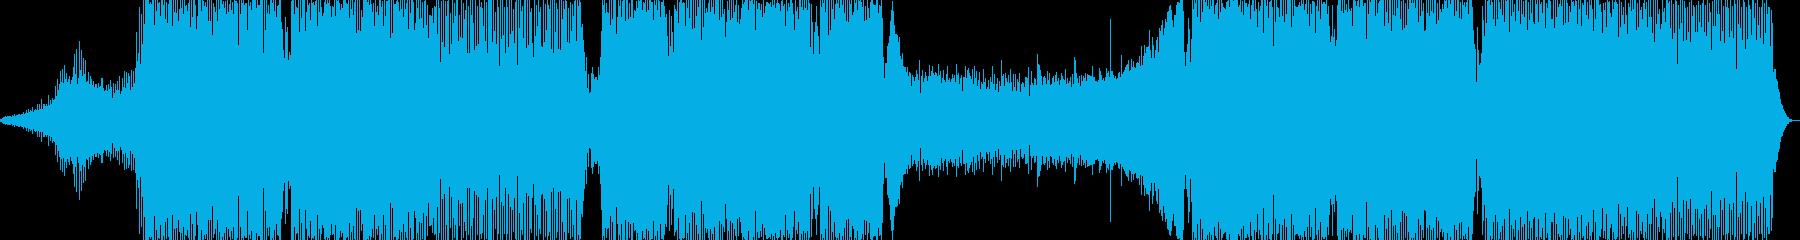 ピアノハウスの再生済みの波形